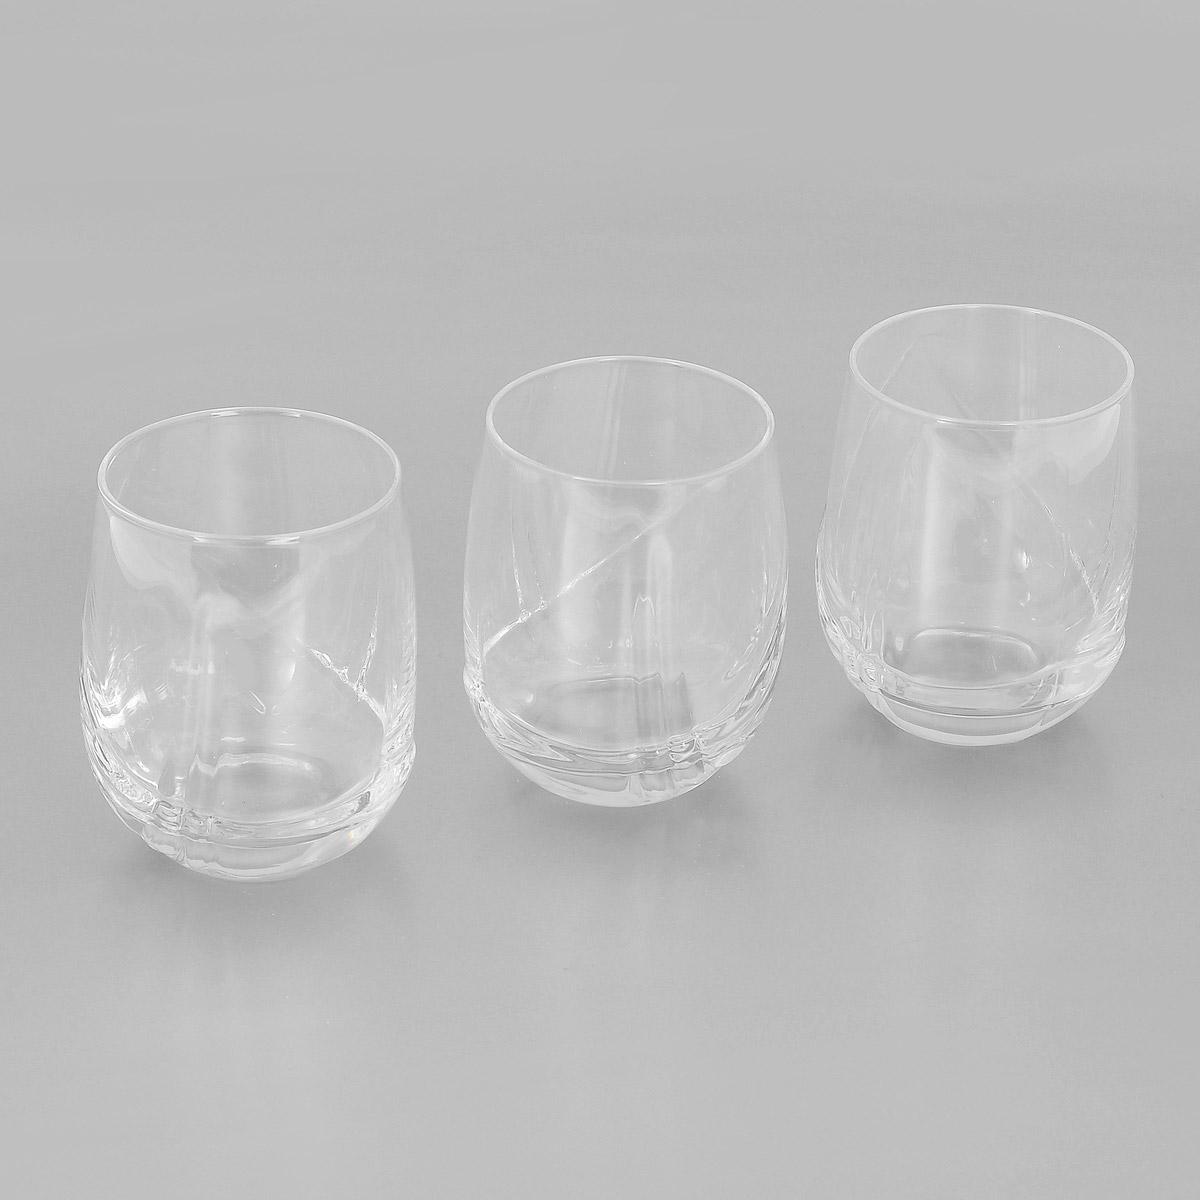 Набор стаканов Bormioli Rocco Rolly, 300 мл, 3 шт